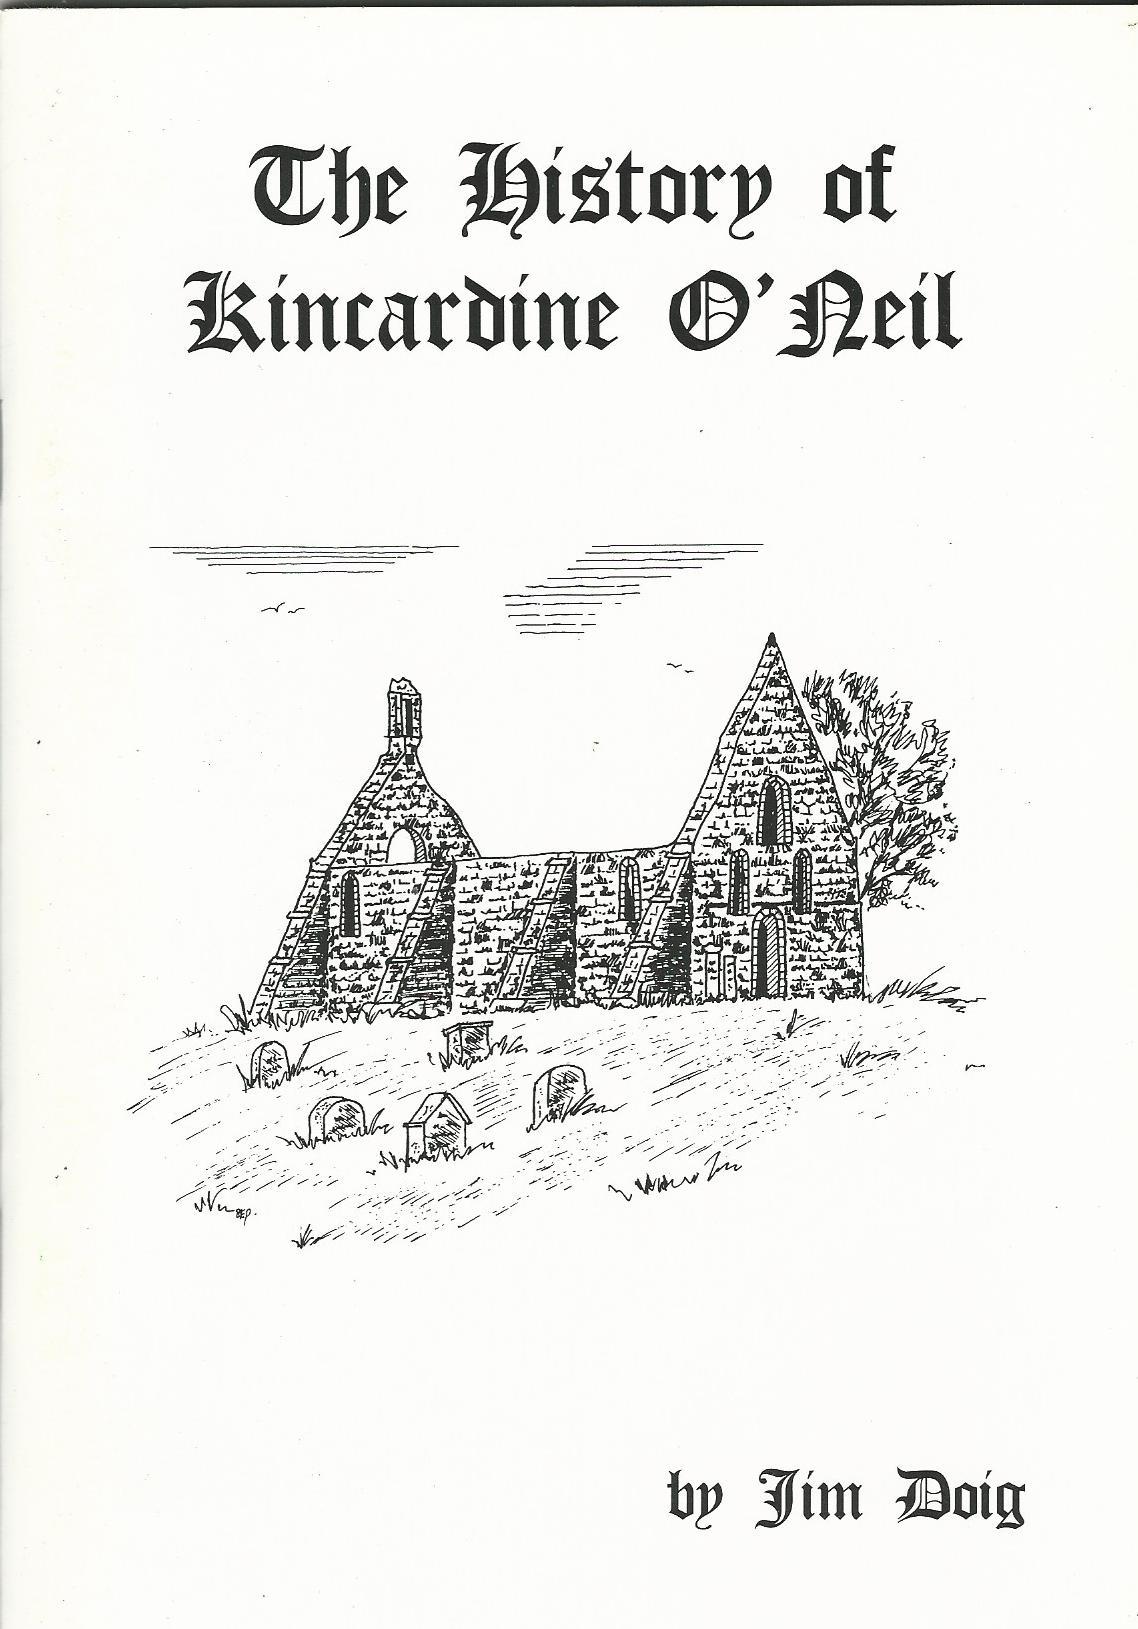 The History of Kincardine O'Neil.